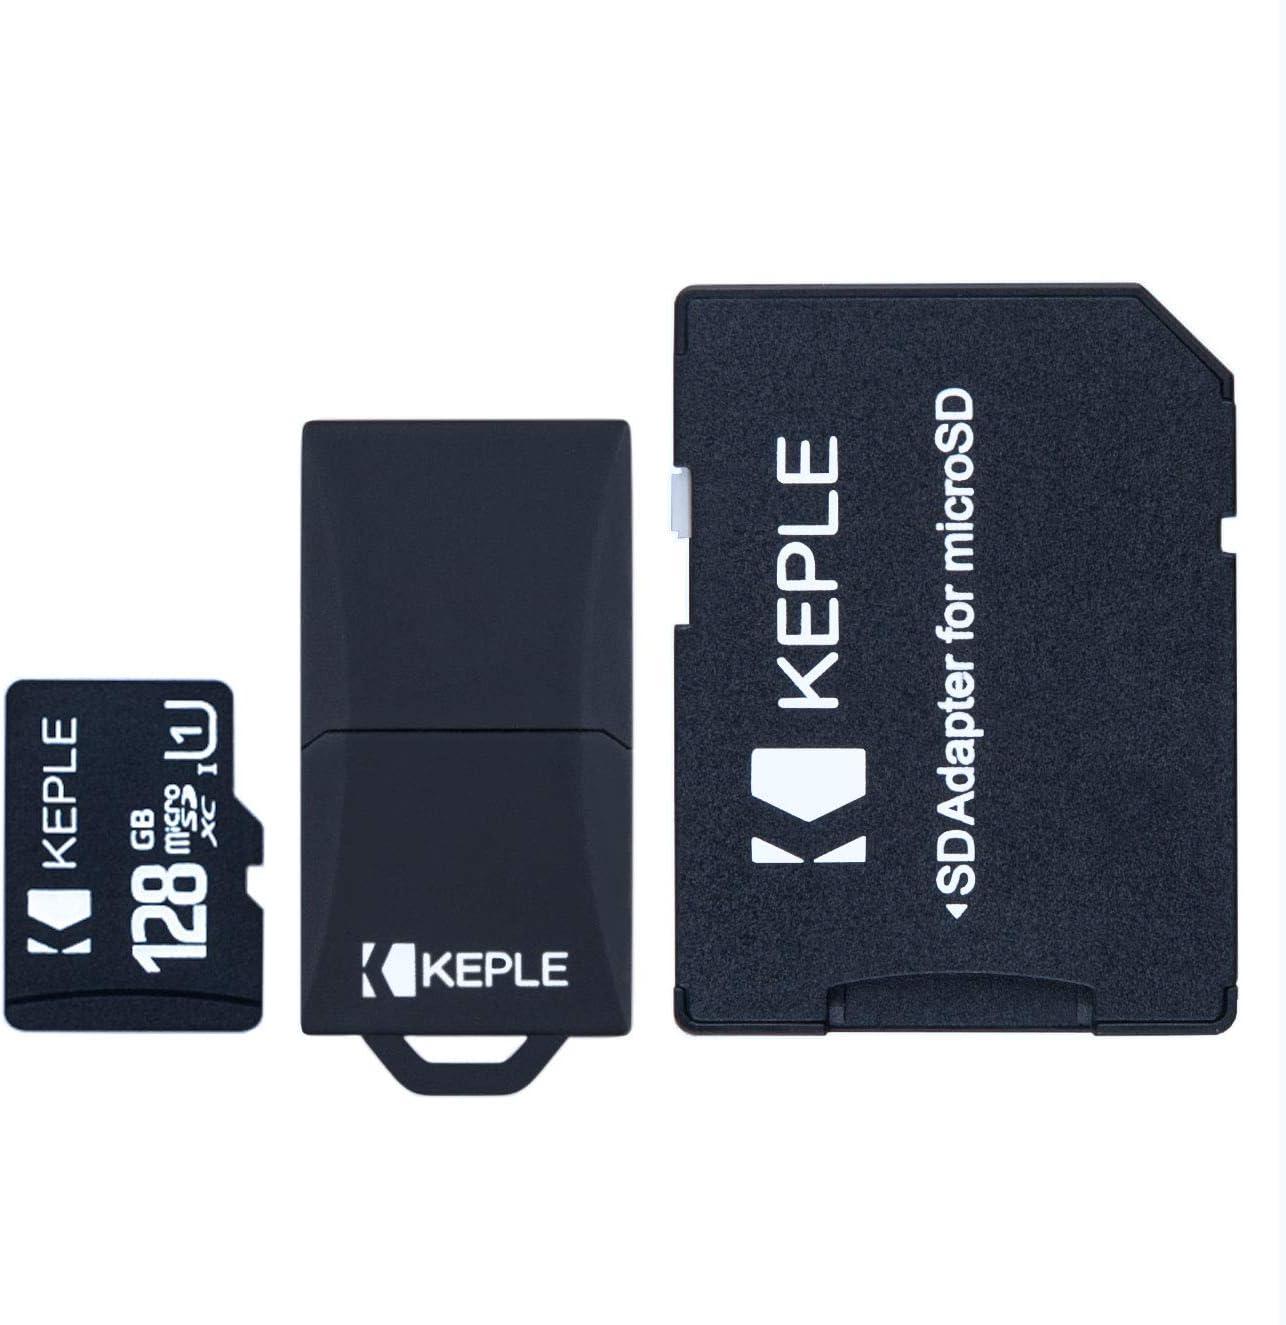 128GB microSD Memory Card Micro SD Compatible with LG V50 ThinQ, G8 ThinQ, Q60, K50, K40, Q9, V40 ThinQ, G7 Fit, G7 One, Q8, K11 Plus, Q Stylo 4, Q Stylus, V35 ThinQ, Q7, G7 ThinQ, Zone 4 | 128 GB